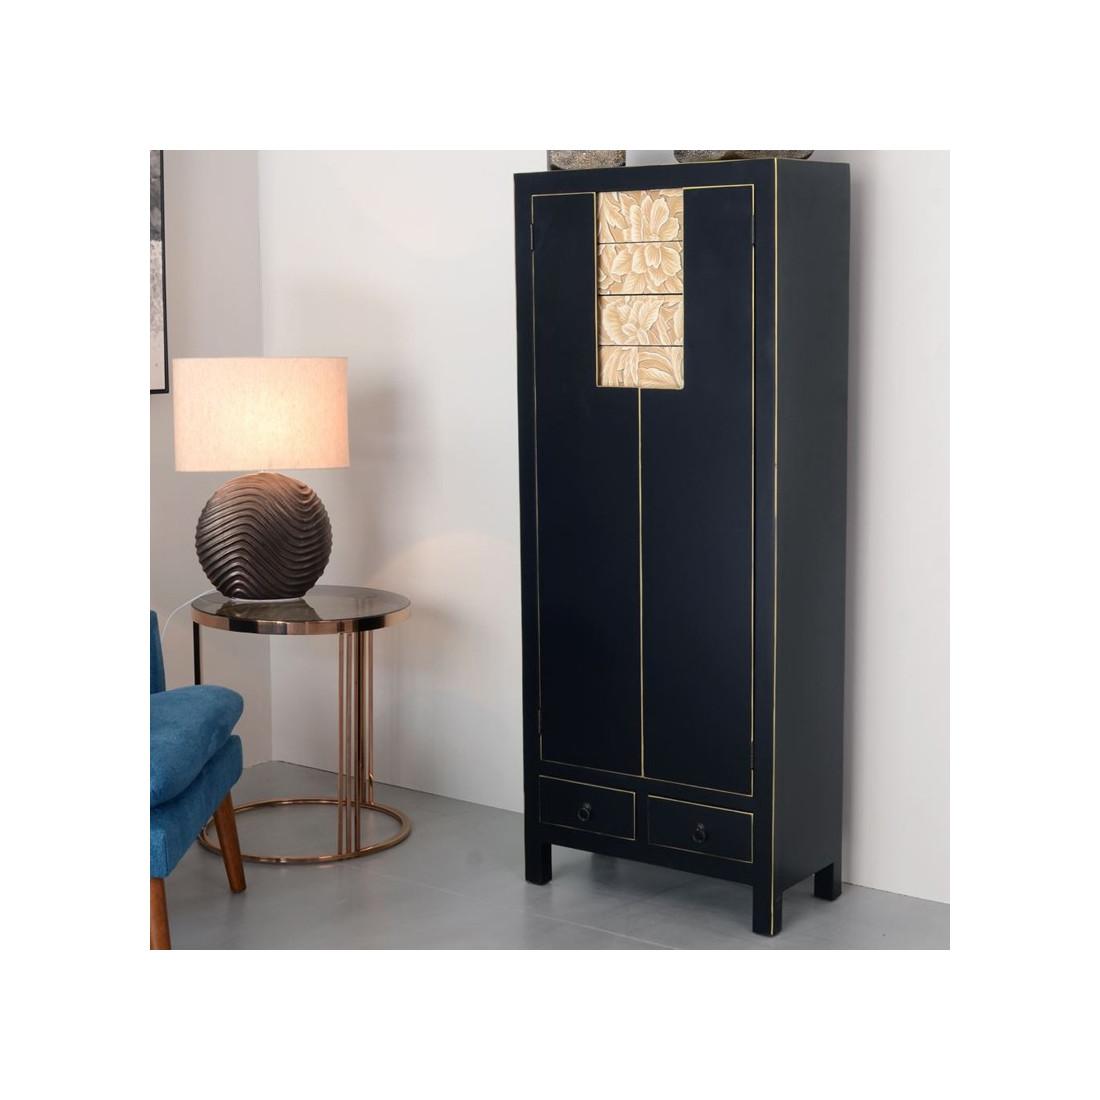 armoire metallique noire excellent meuble de rangement portes blanc avec pieds mtal noir. Black Bedroom Furniture Sets. Home Design Ideas